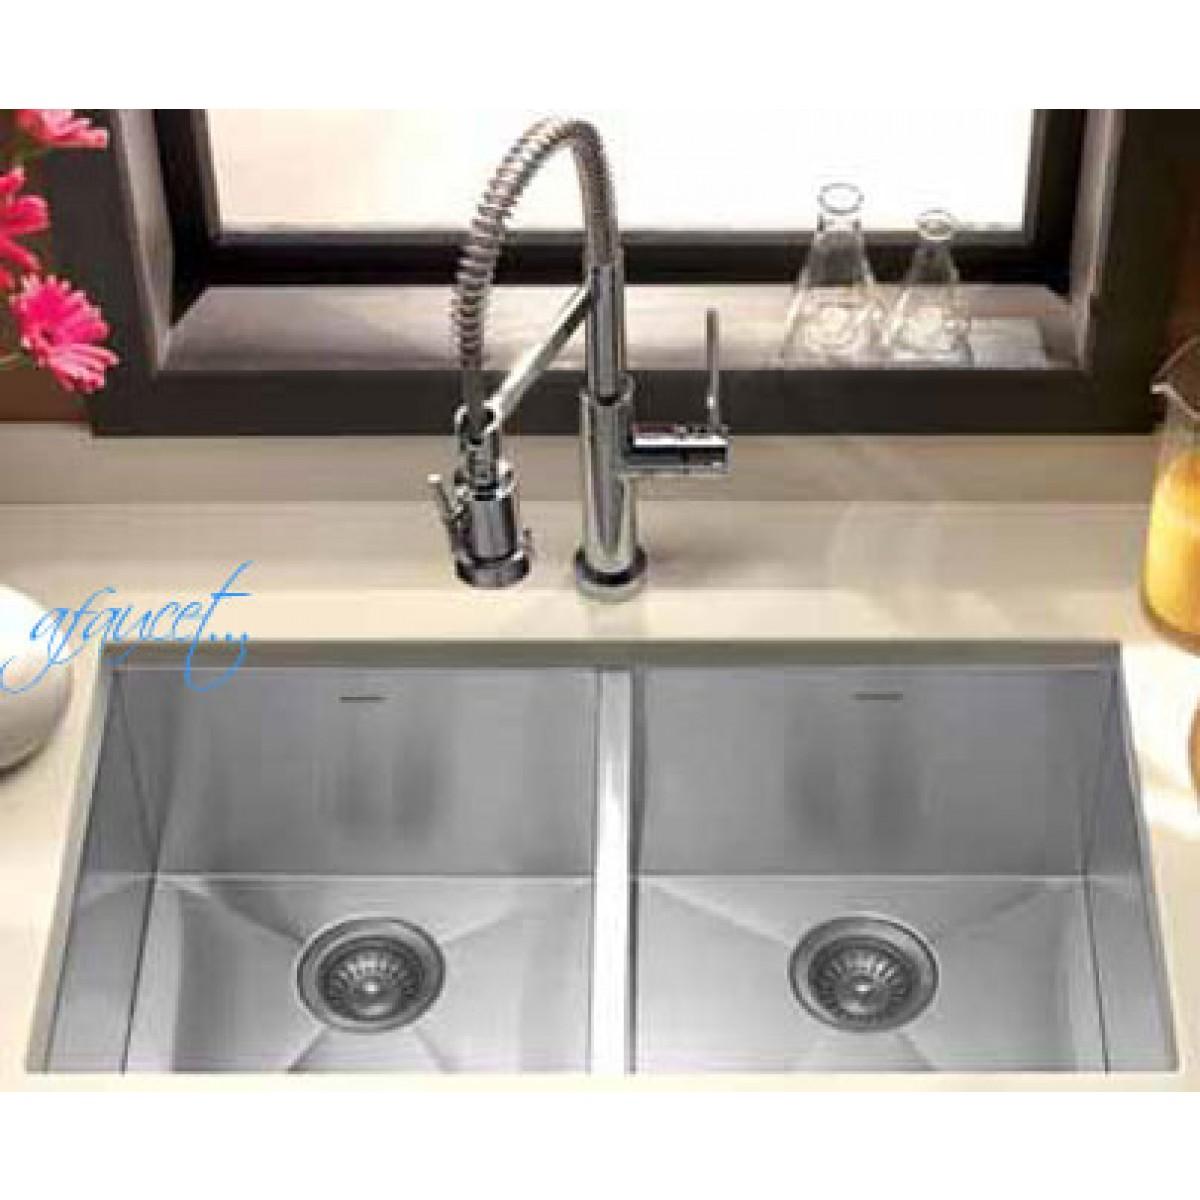 Undermount Kitchen Sinks Stainless Steel 37 inch stainless steel undermount 50/50 double bowl kitchen sink